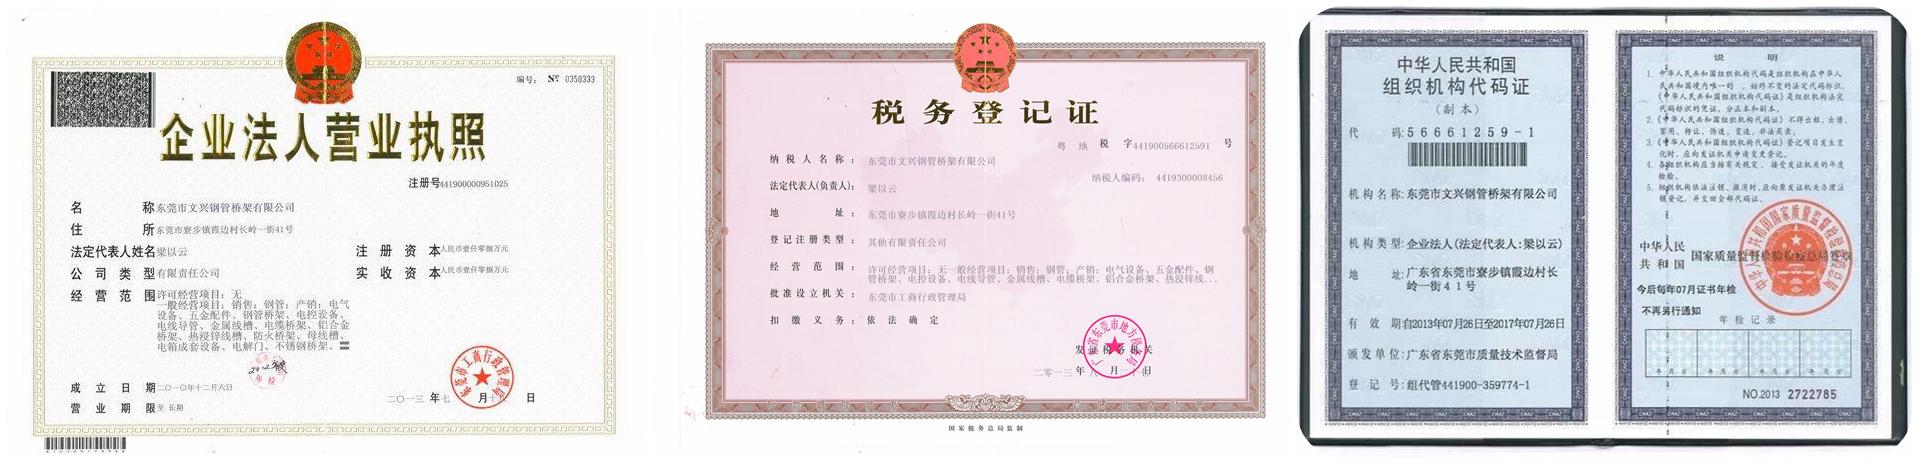 东莞市文兴钢管桥架有限公司营业执照